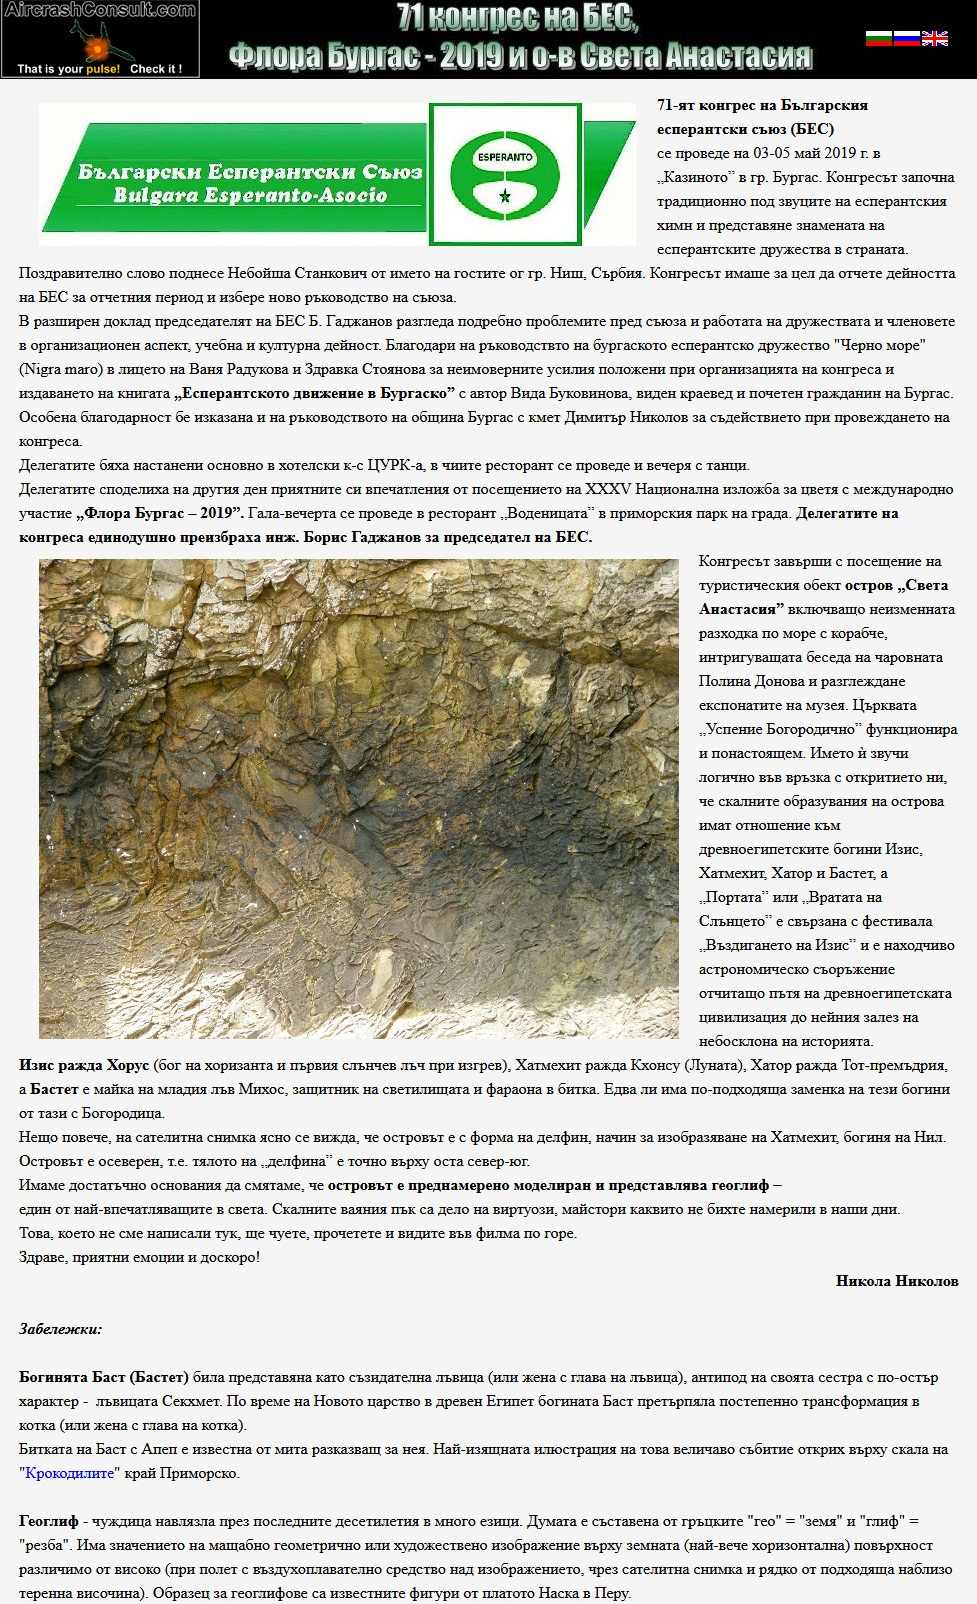 71a-kongreso-artikolo-nikola-nikolov-web